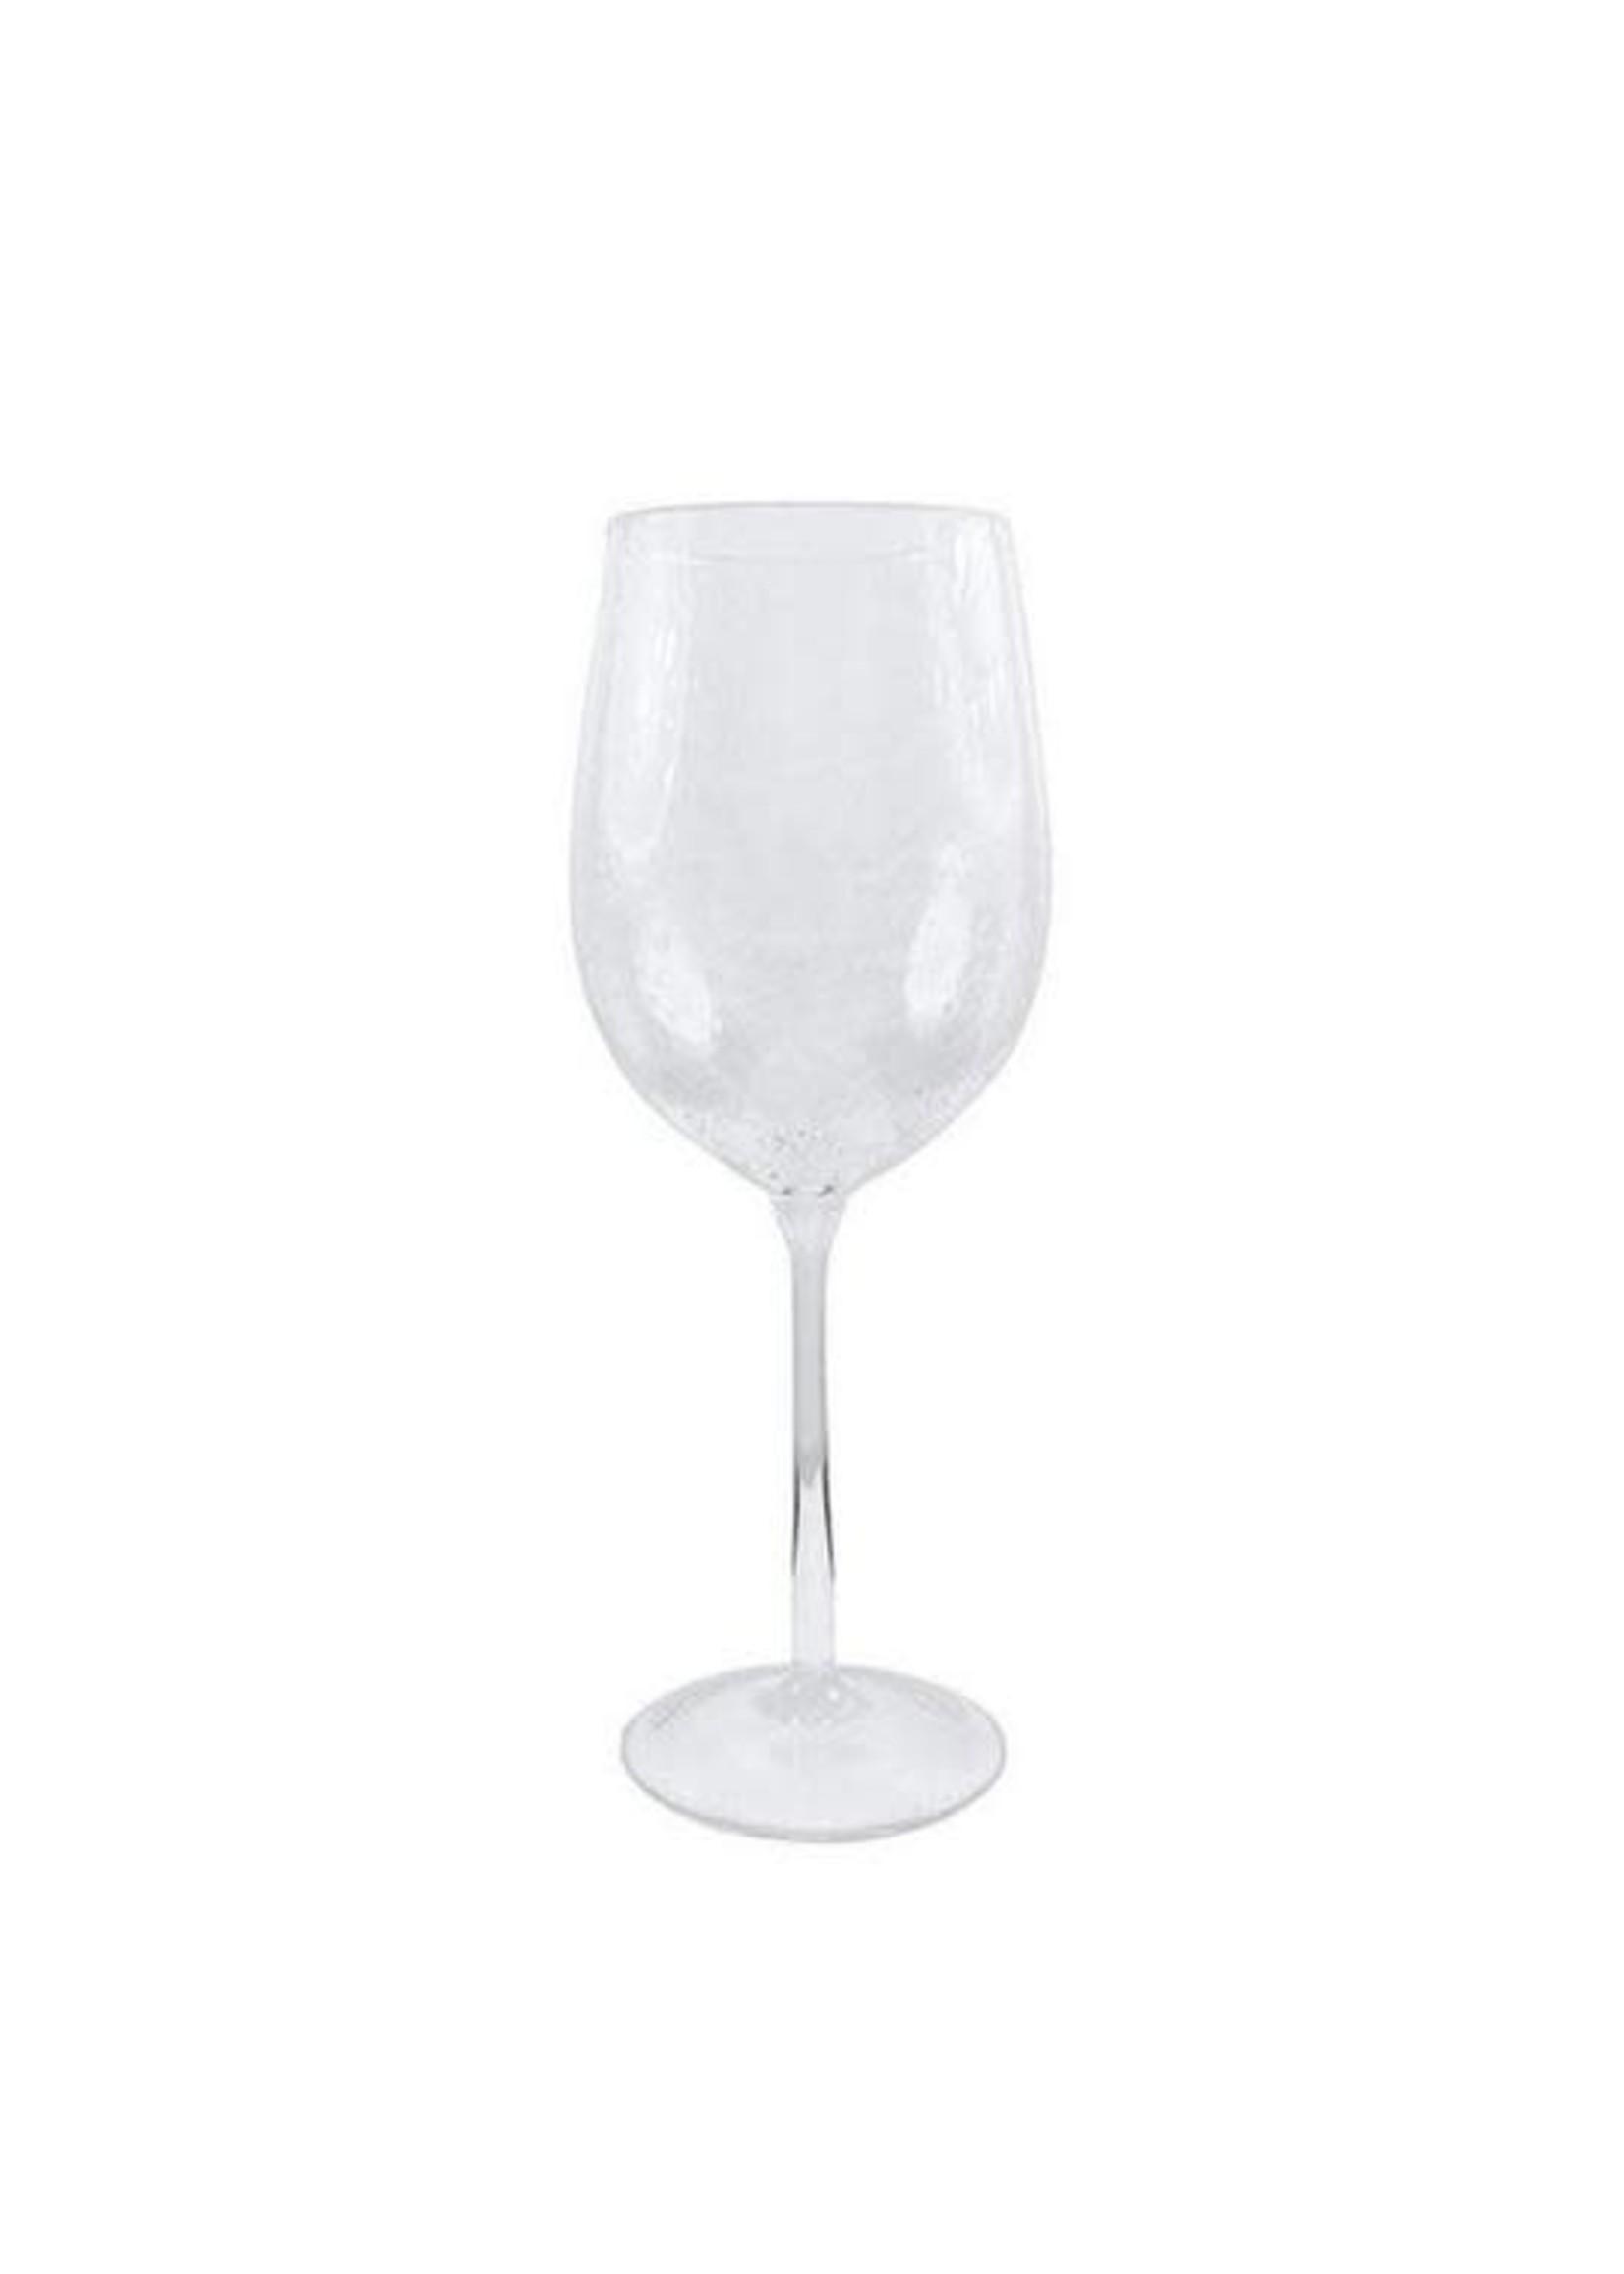 Bellini White Wine Glass